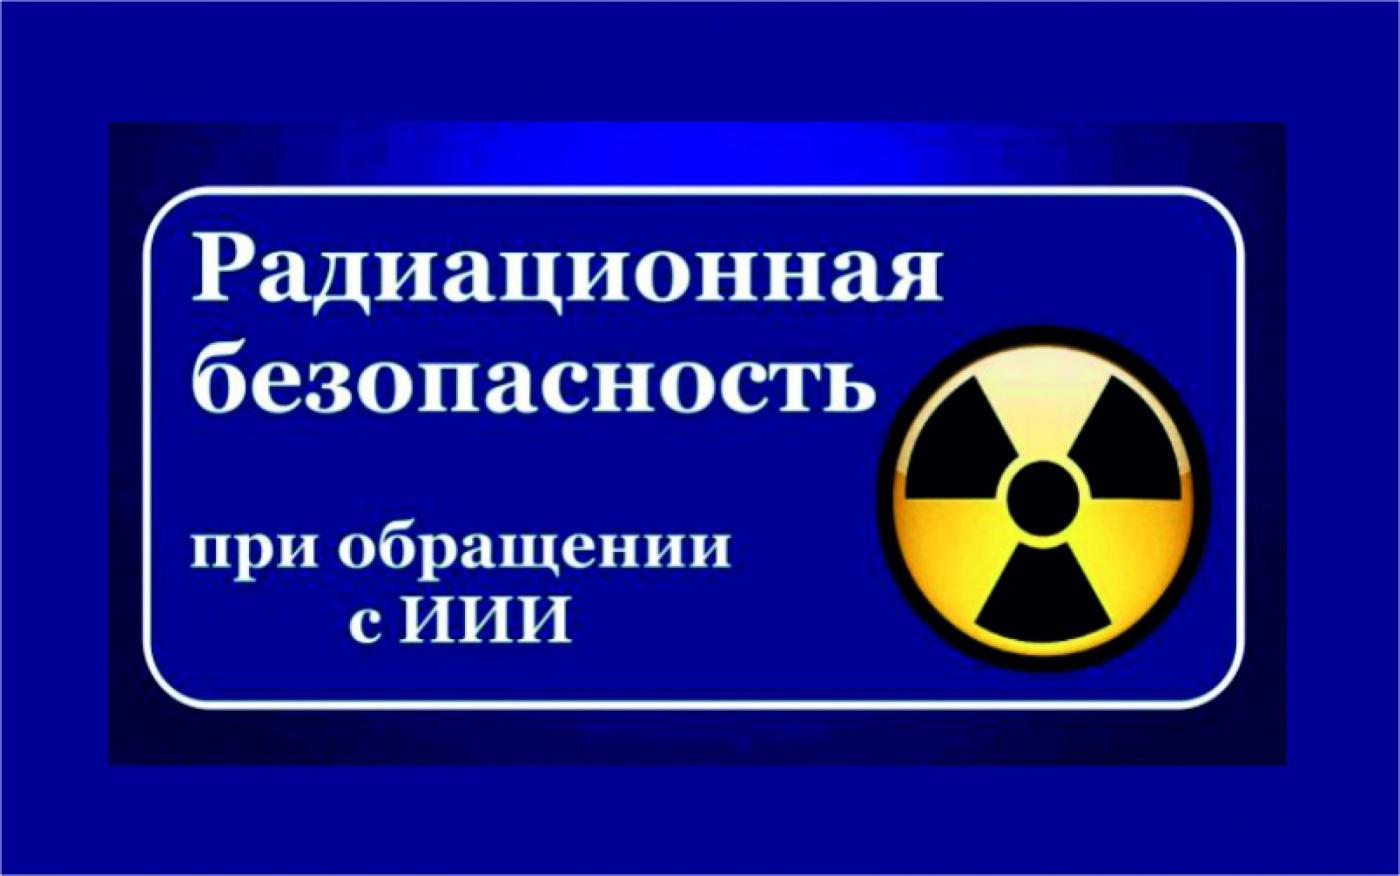 Повышение квалификации и проверка знаний по вопросам радиационной безопасности в МИПК и ПК